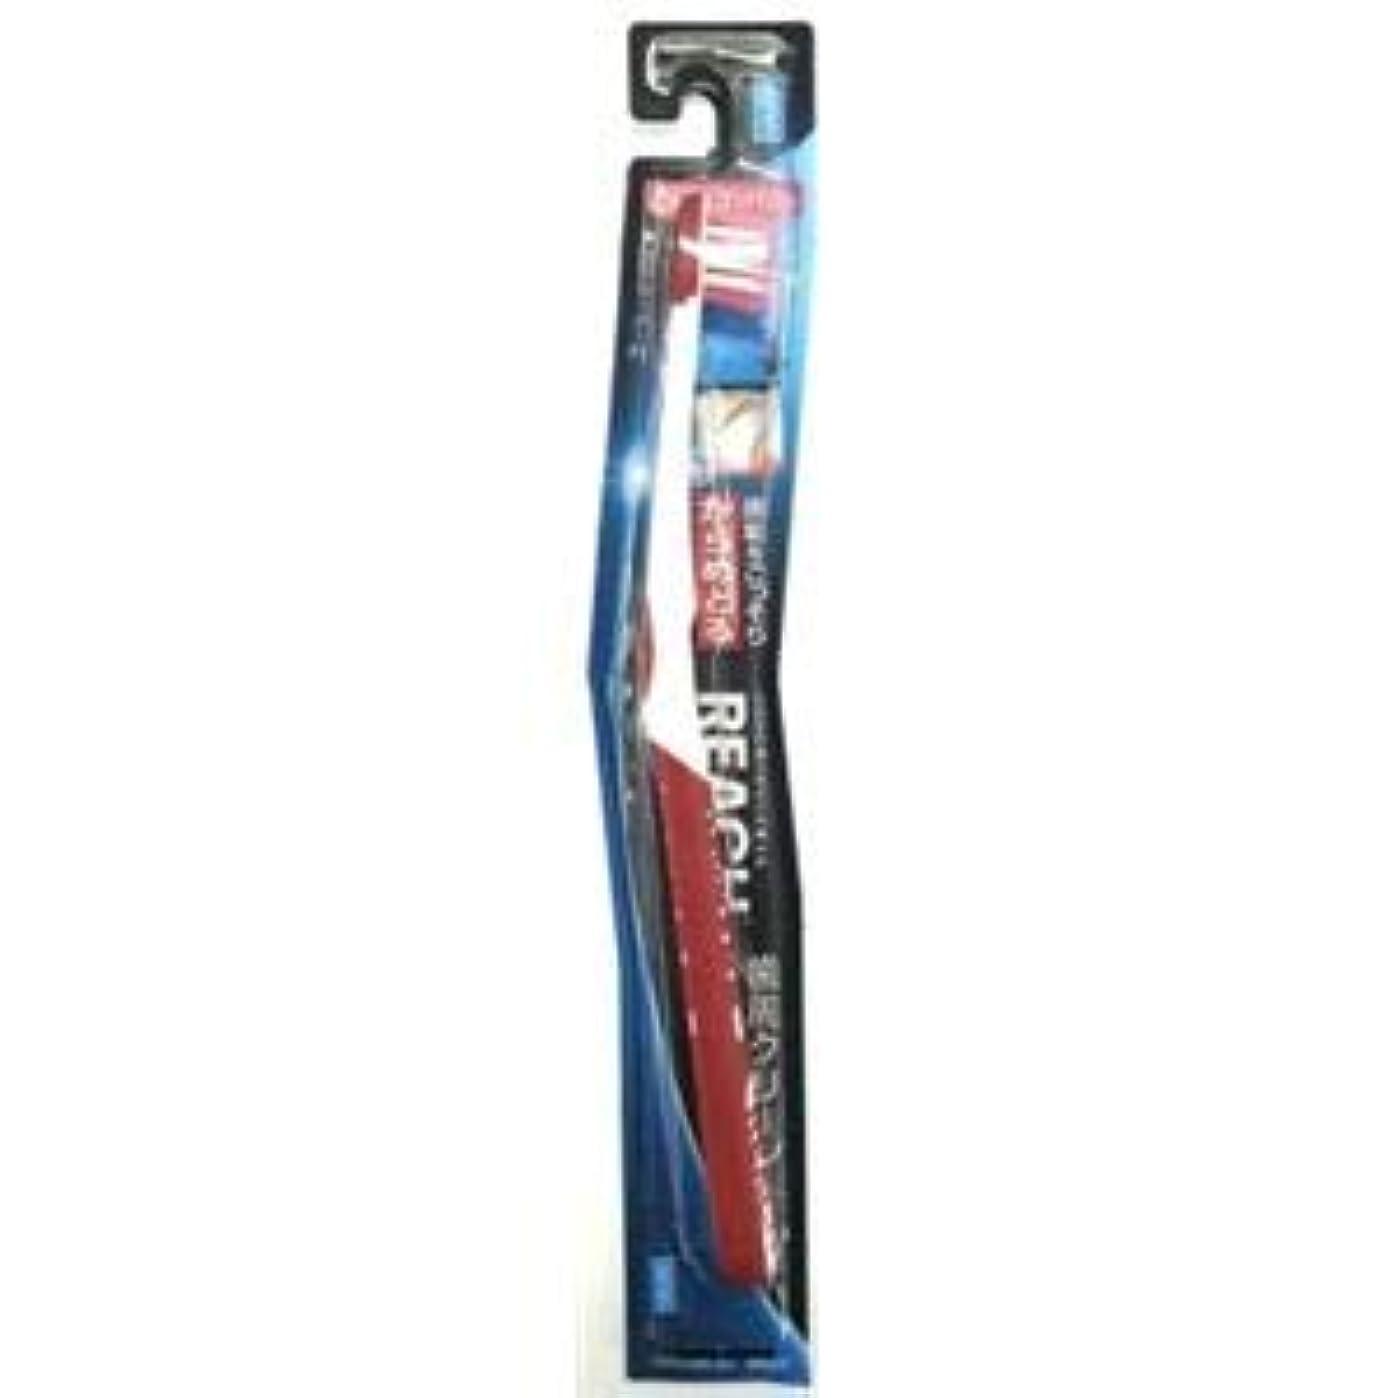 土鉛限りなく(まとめ)銀座ステファニー リーチ歯ブラシ リーチ 歯周クリーン とってもコンパクト ふつう 【×12点セット】